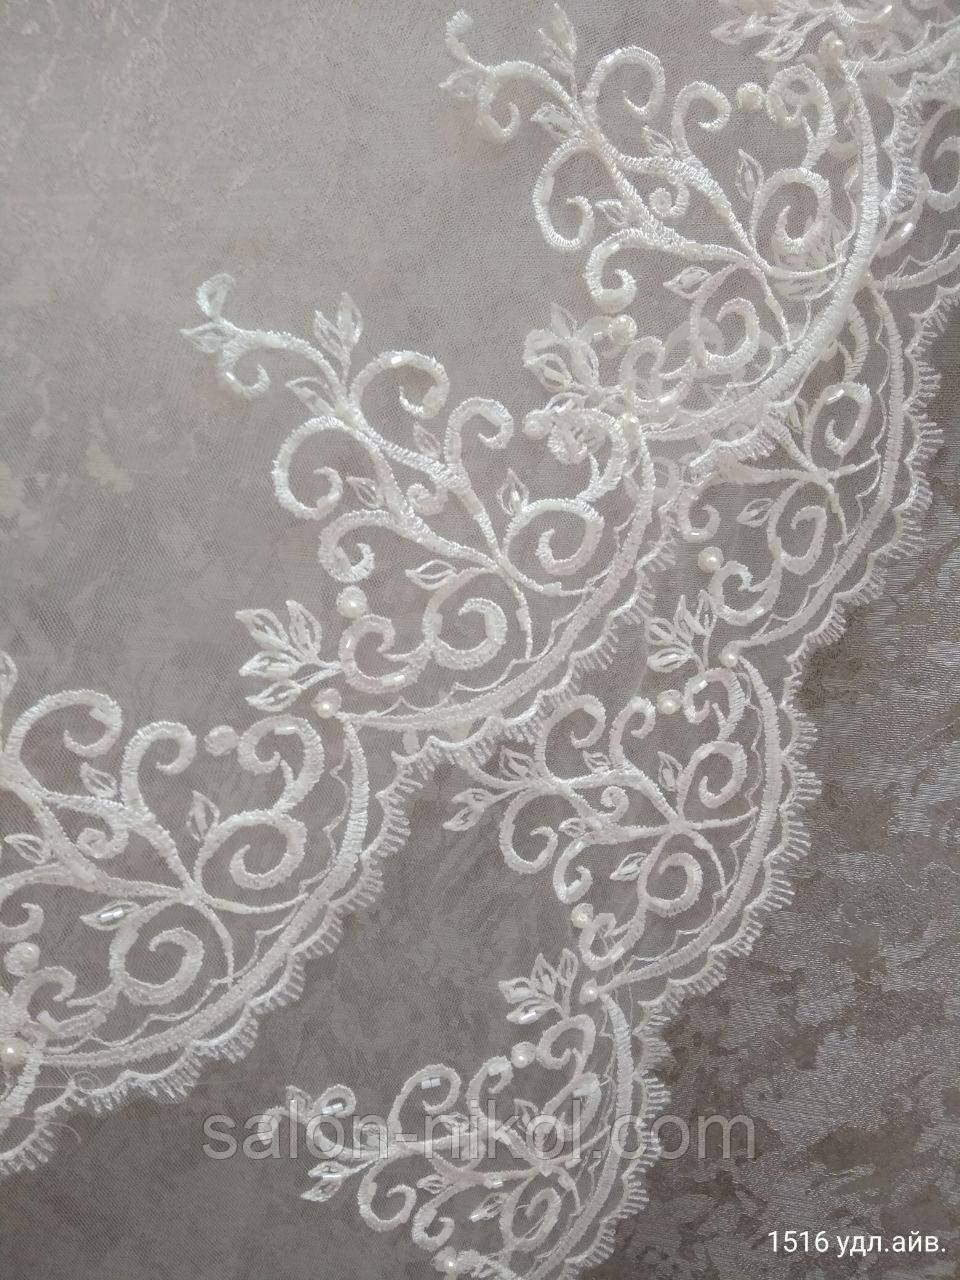 Фата с вышивкой: бисер и жемчуг № 1516 (1,5*2 м) удлиненная айвори